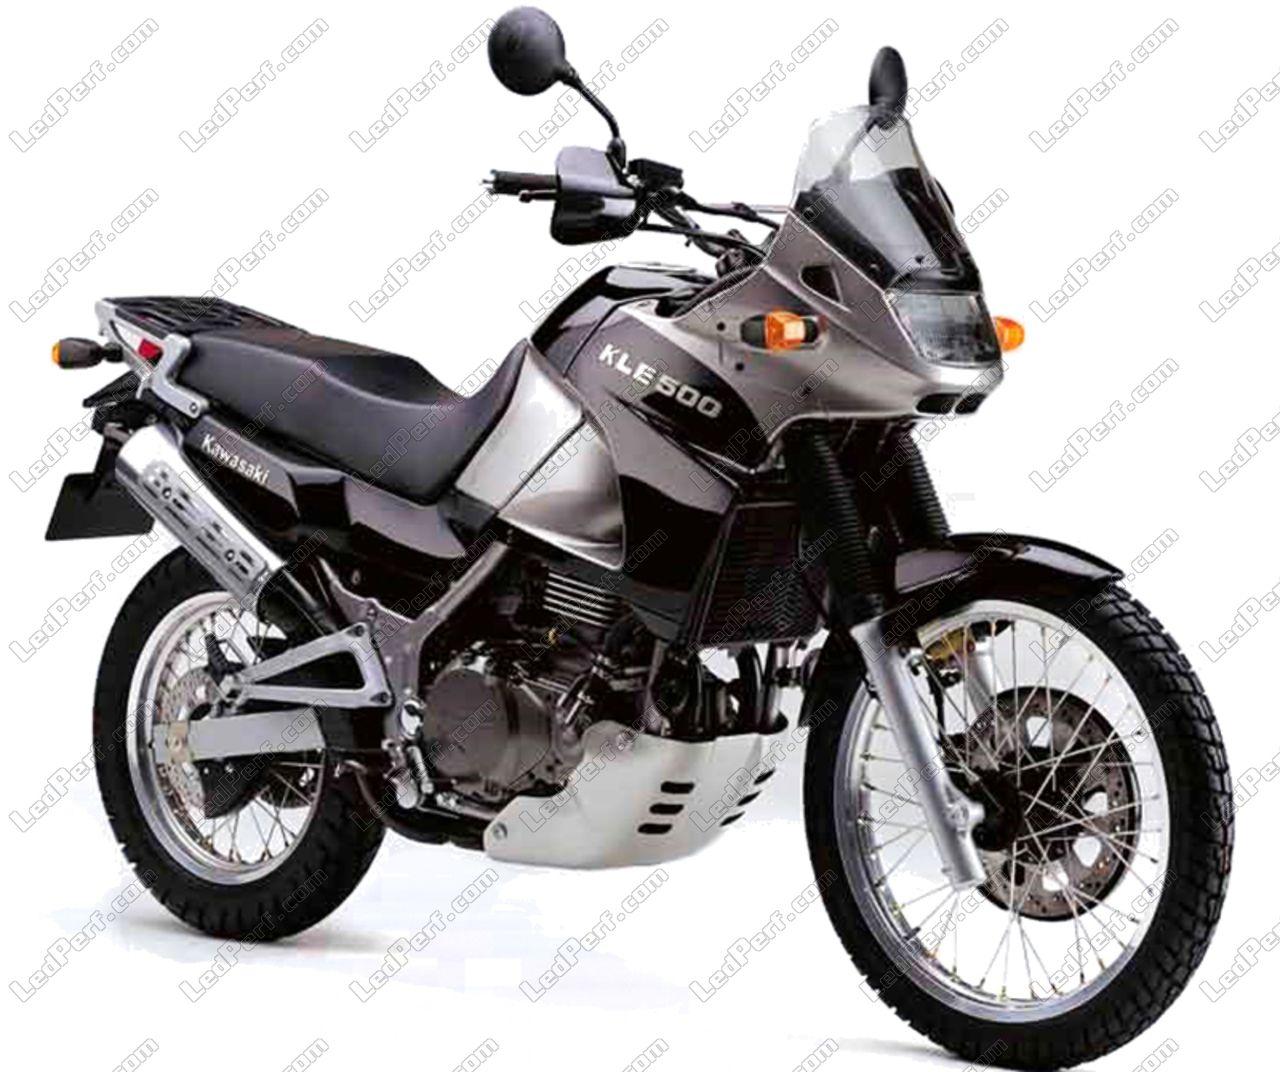 Kawasaki KLE500 Service Manual